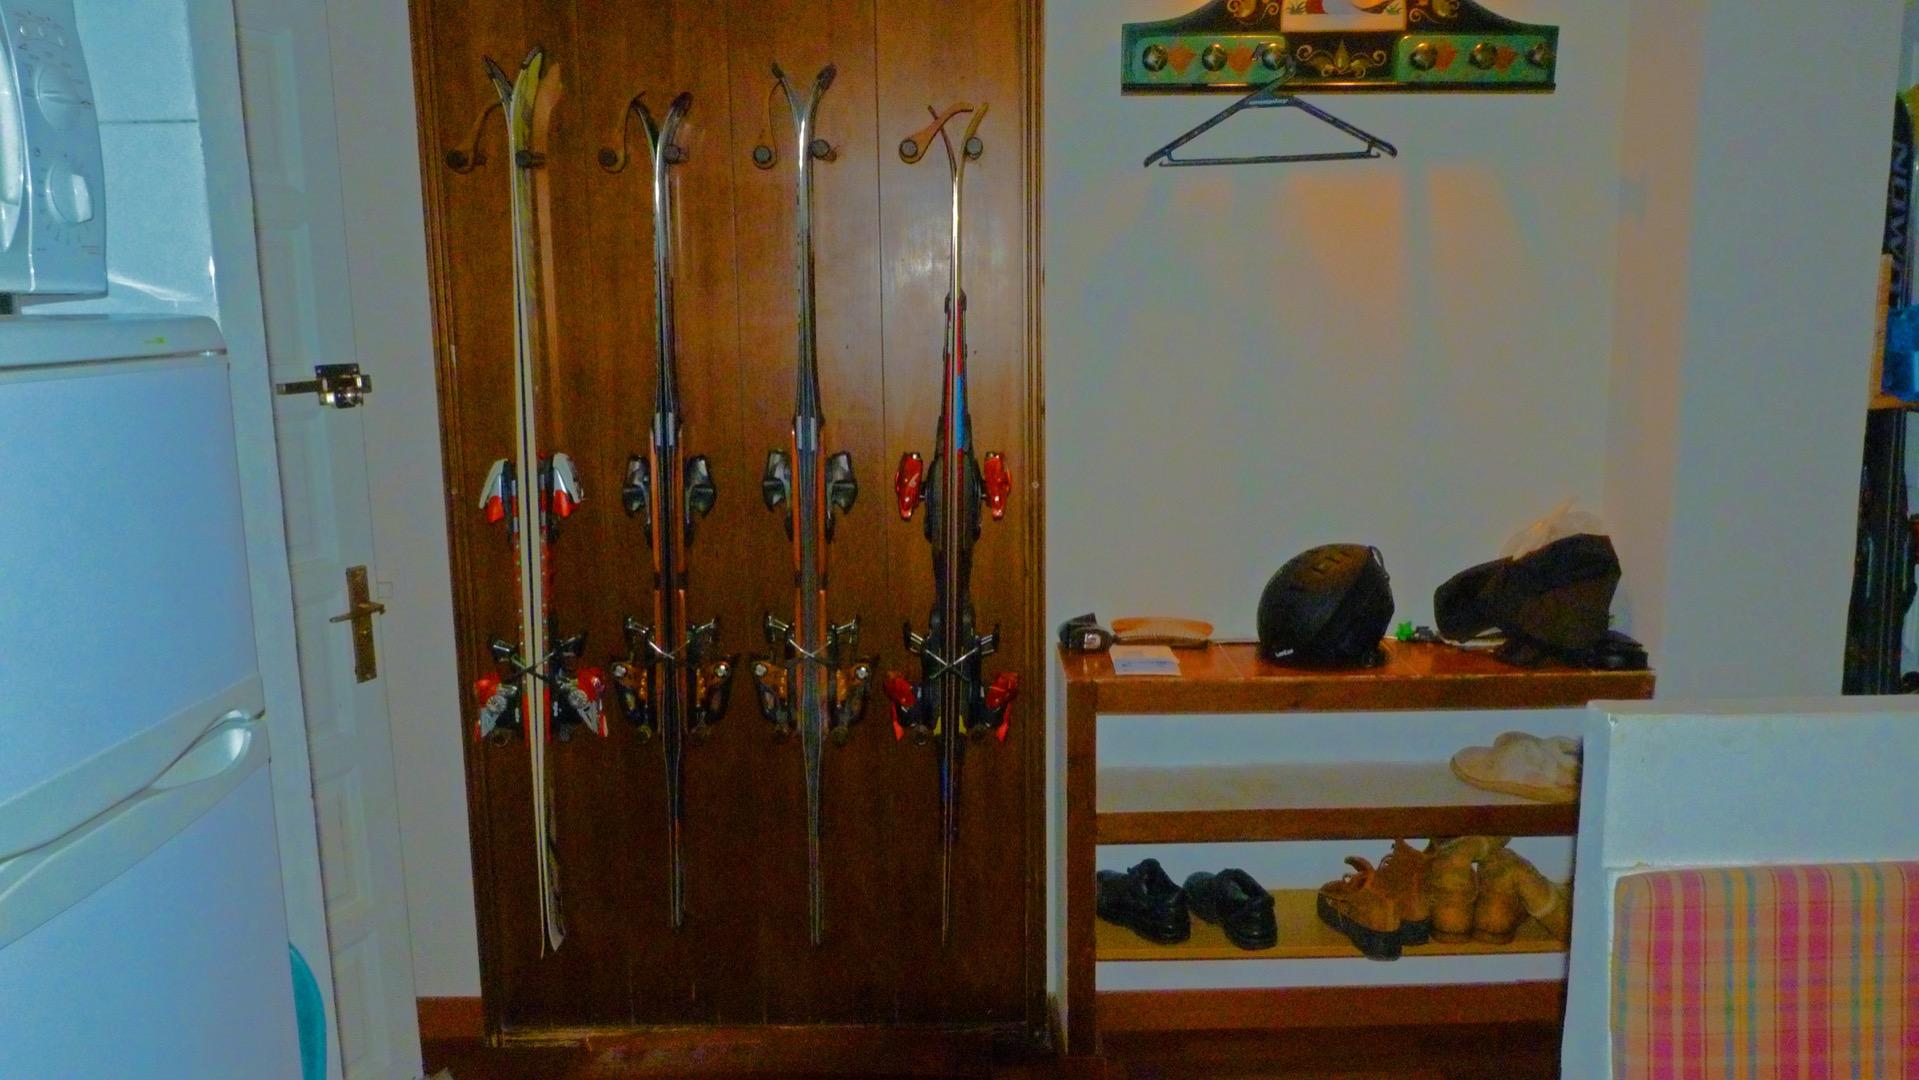 Pis  Estación de esquí la molina. Ideal para amantes de los deportes de invierno y montaña en gene